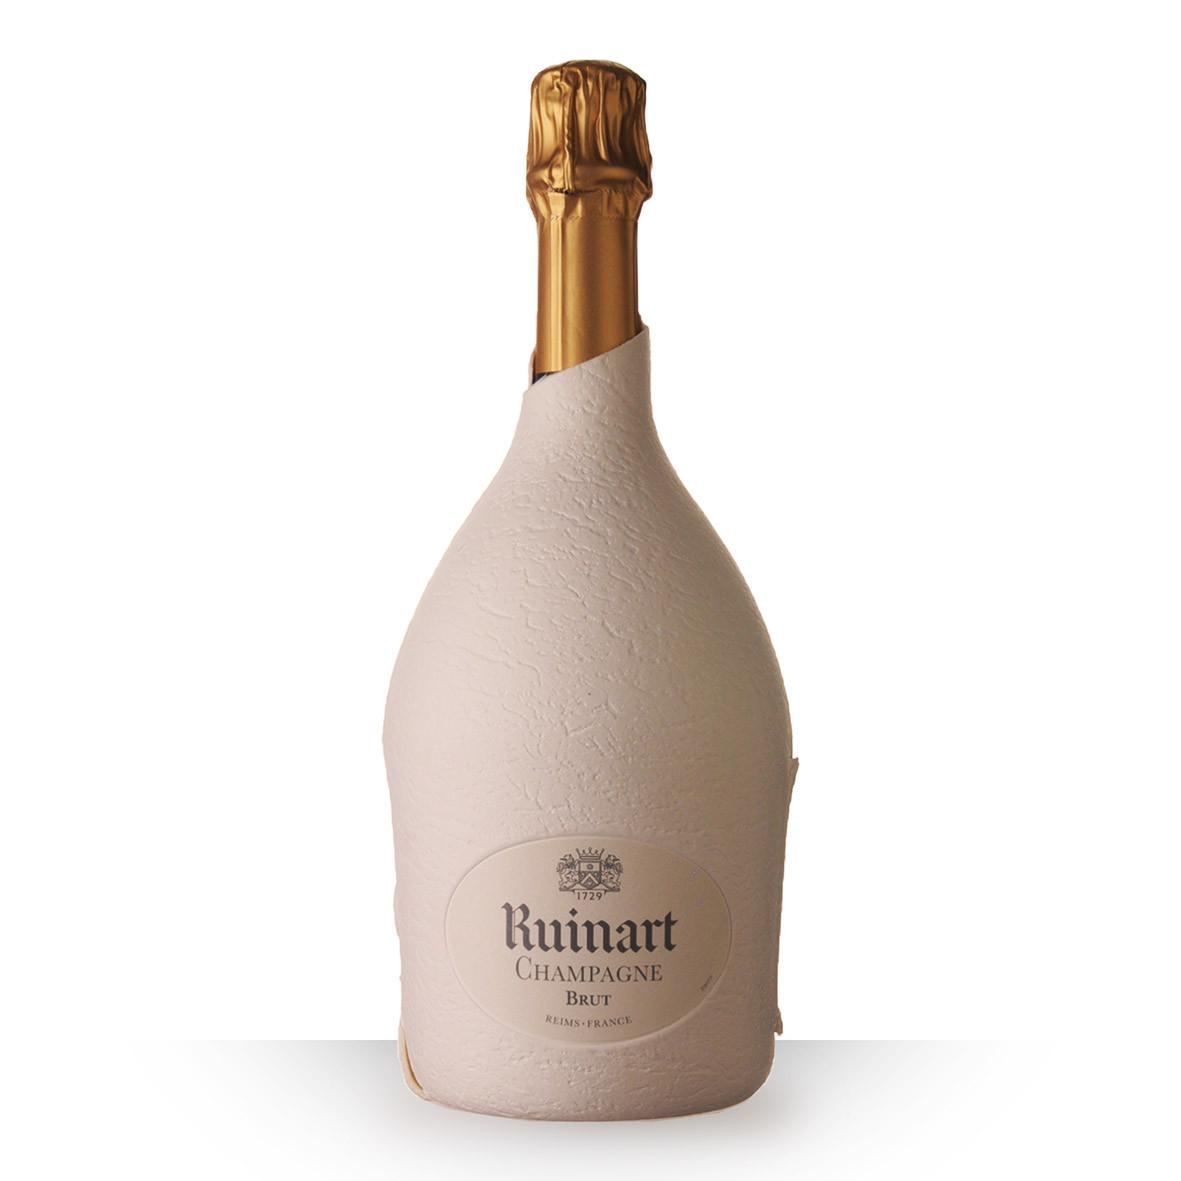 Champagne R de Ruinart Brut 75cl Seconde Peau www.odyssee-vins.com